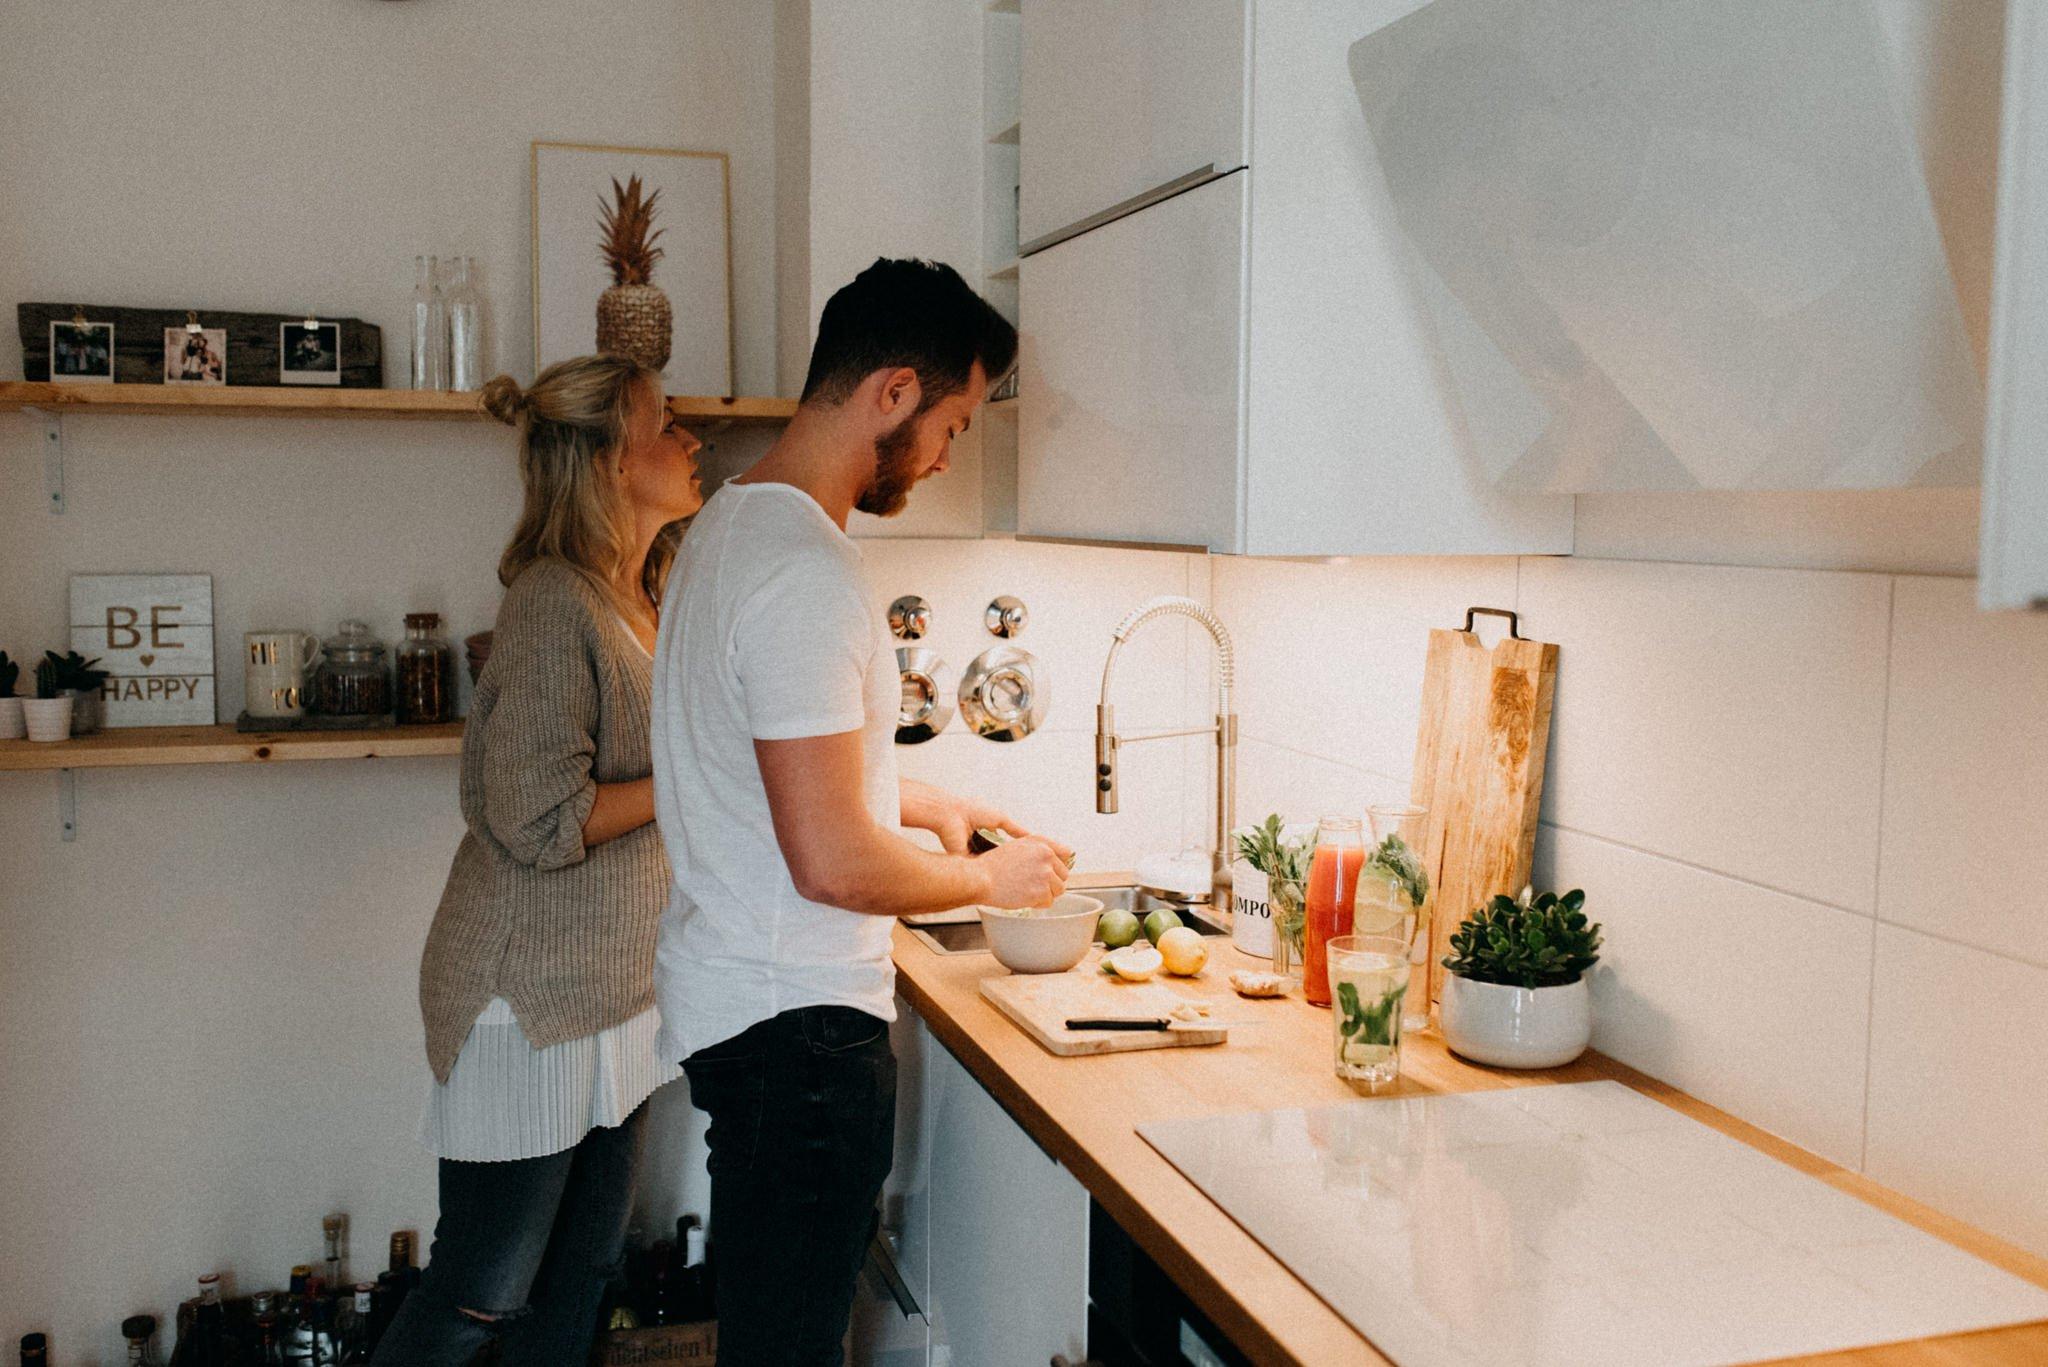 Homestory - Küche, Portraitshooting in Darmstadt